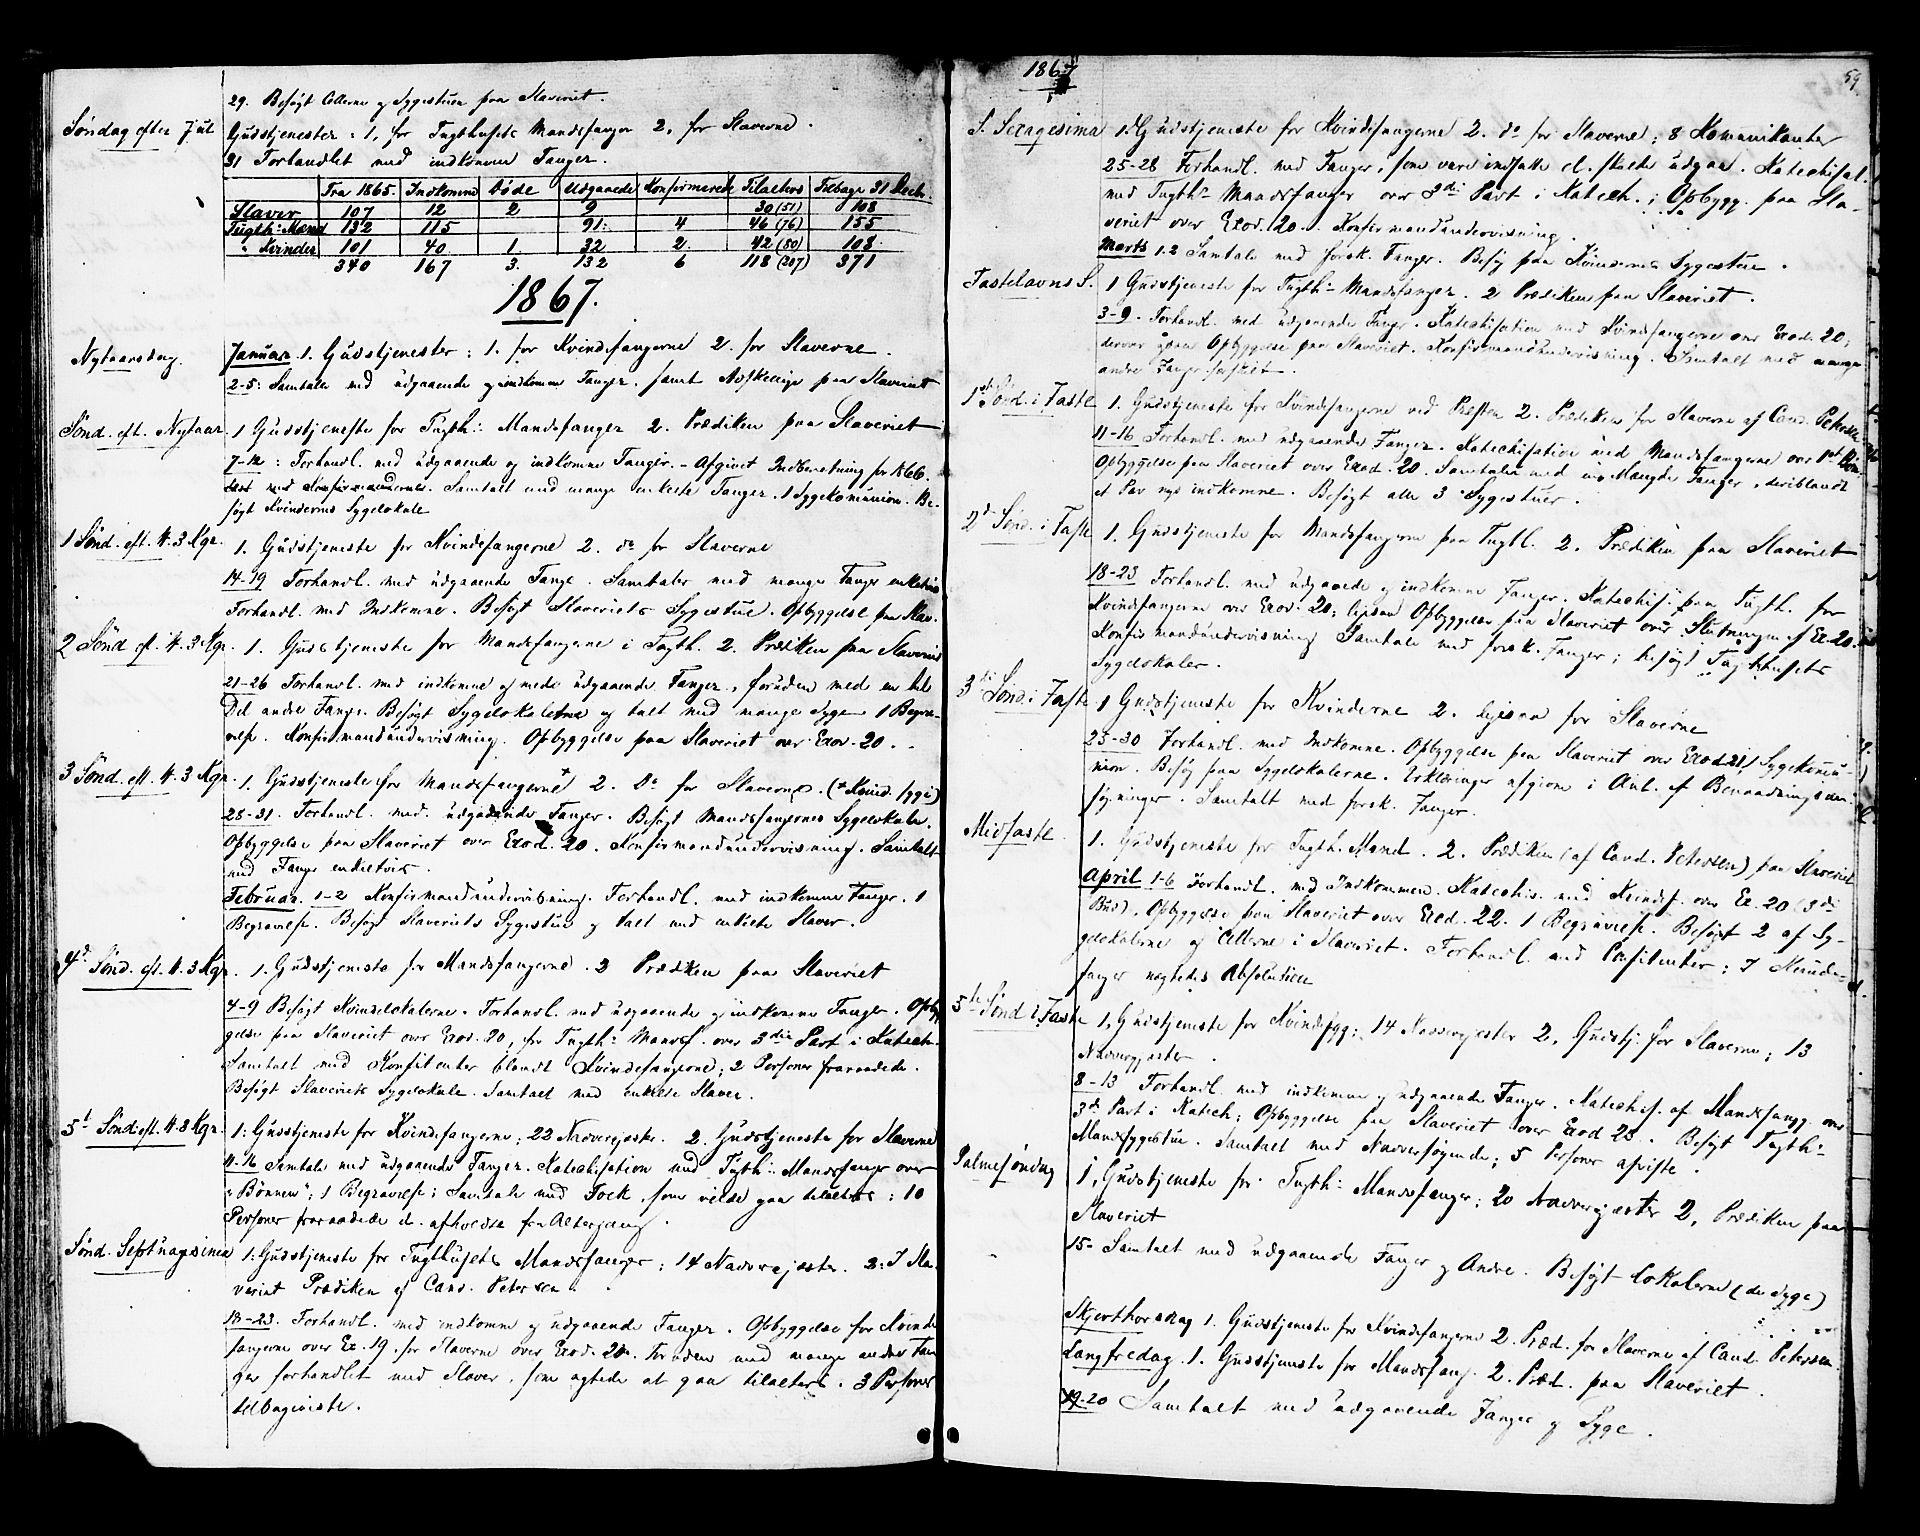 SAT, Ministerialprotokoller, klokkerbøker og fødselsregistre - Sør-Trøndelag, 624/L0481: Ministerialbok nr. 624A02, 1841-1869, s. 59